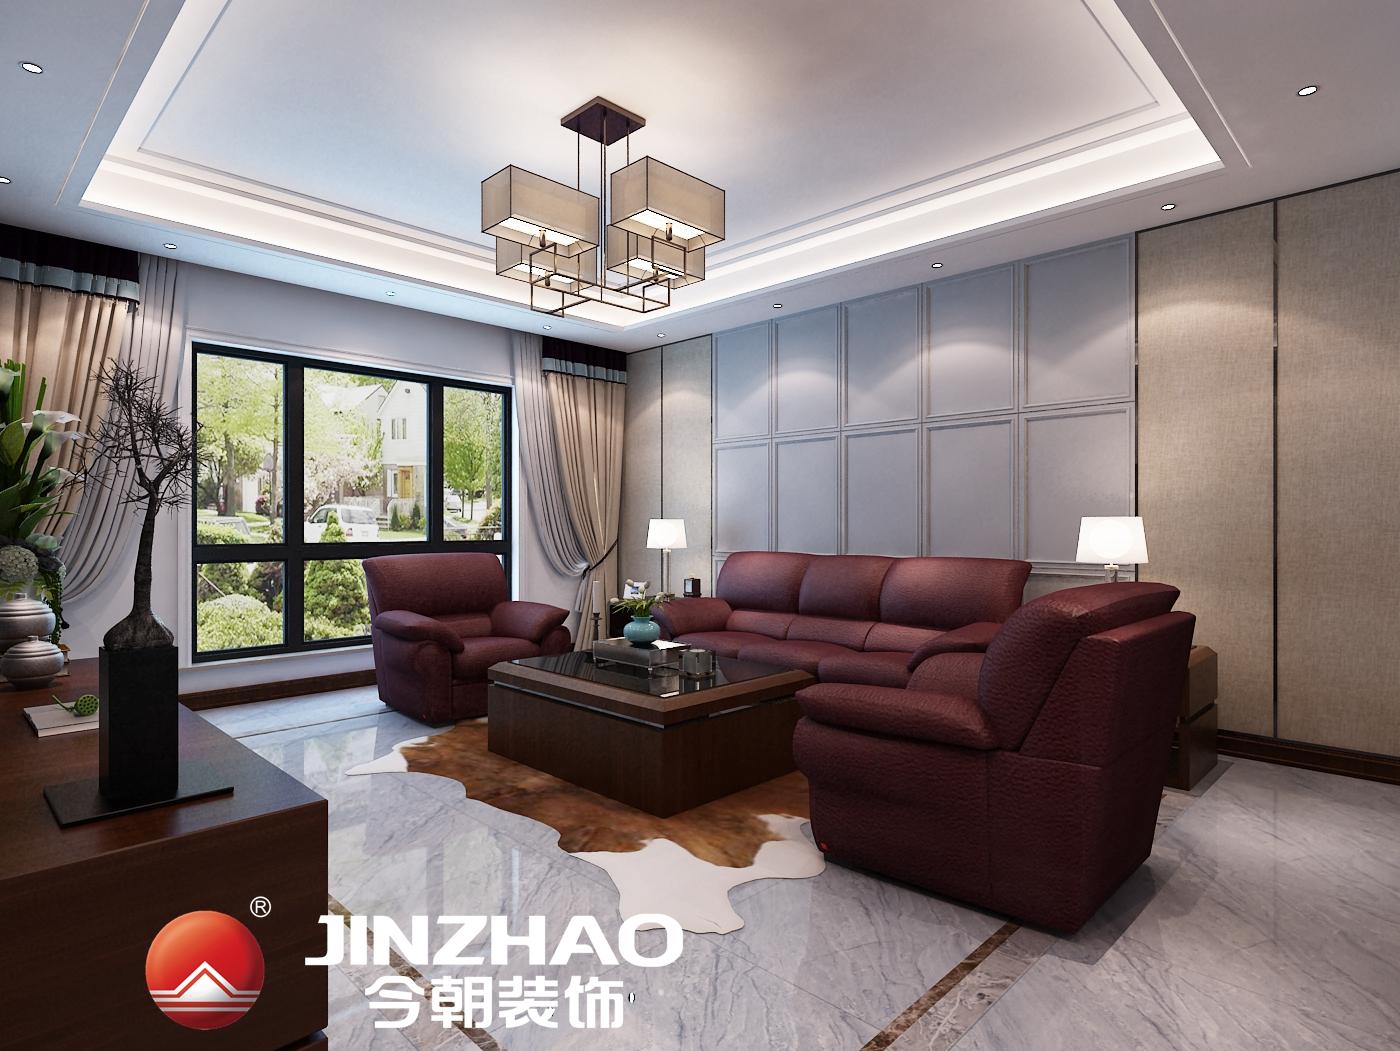 天津今朝装饰--半湾半岛别墅现代简约加新中式